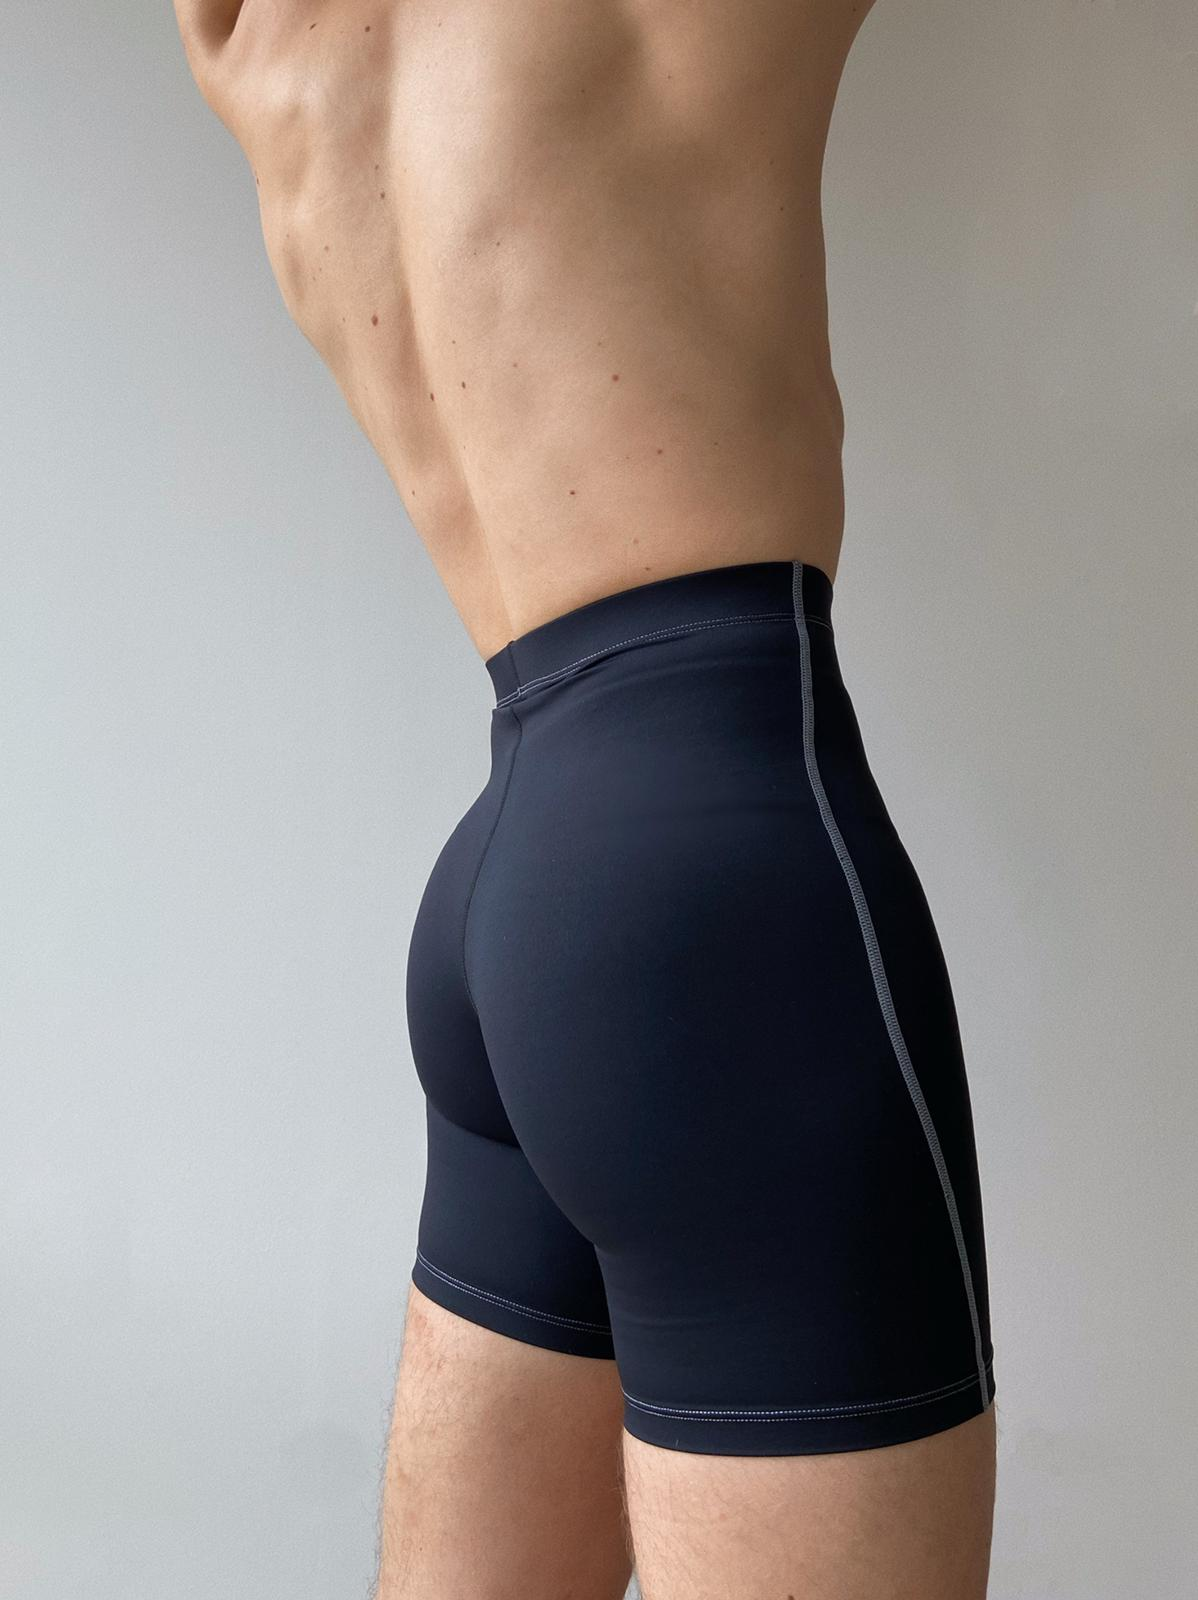 Dance shorts for men.